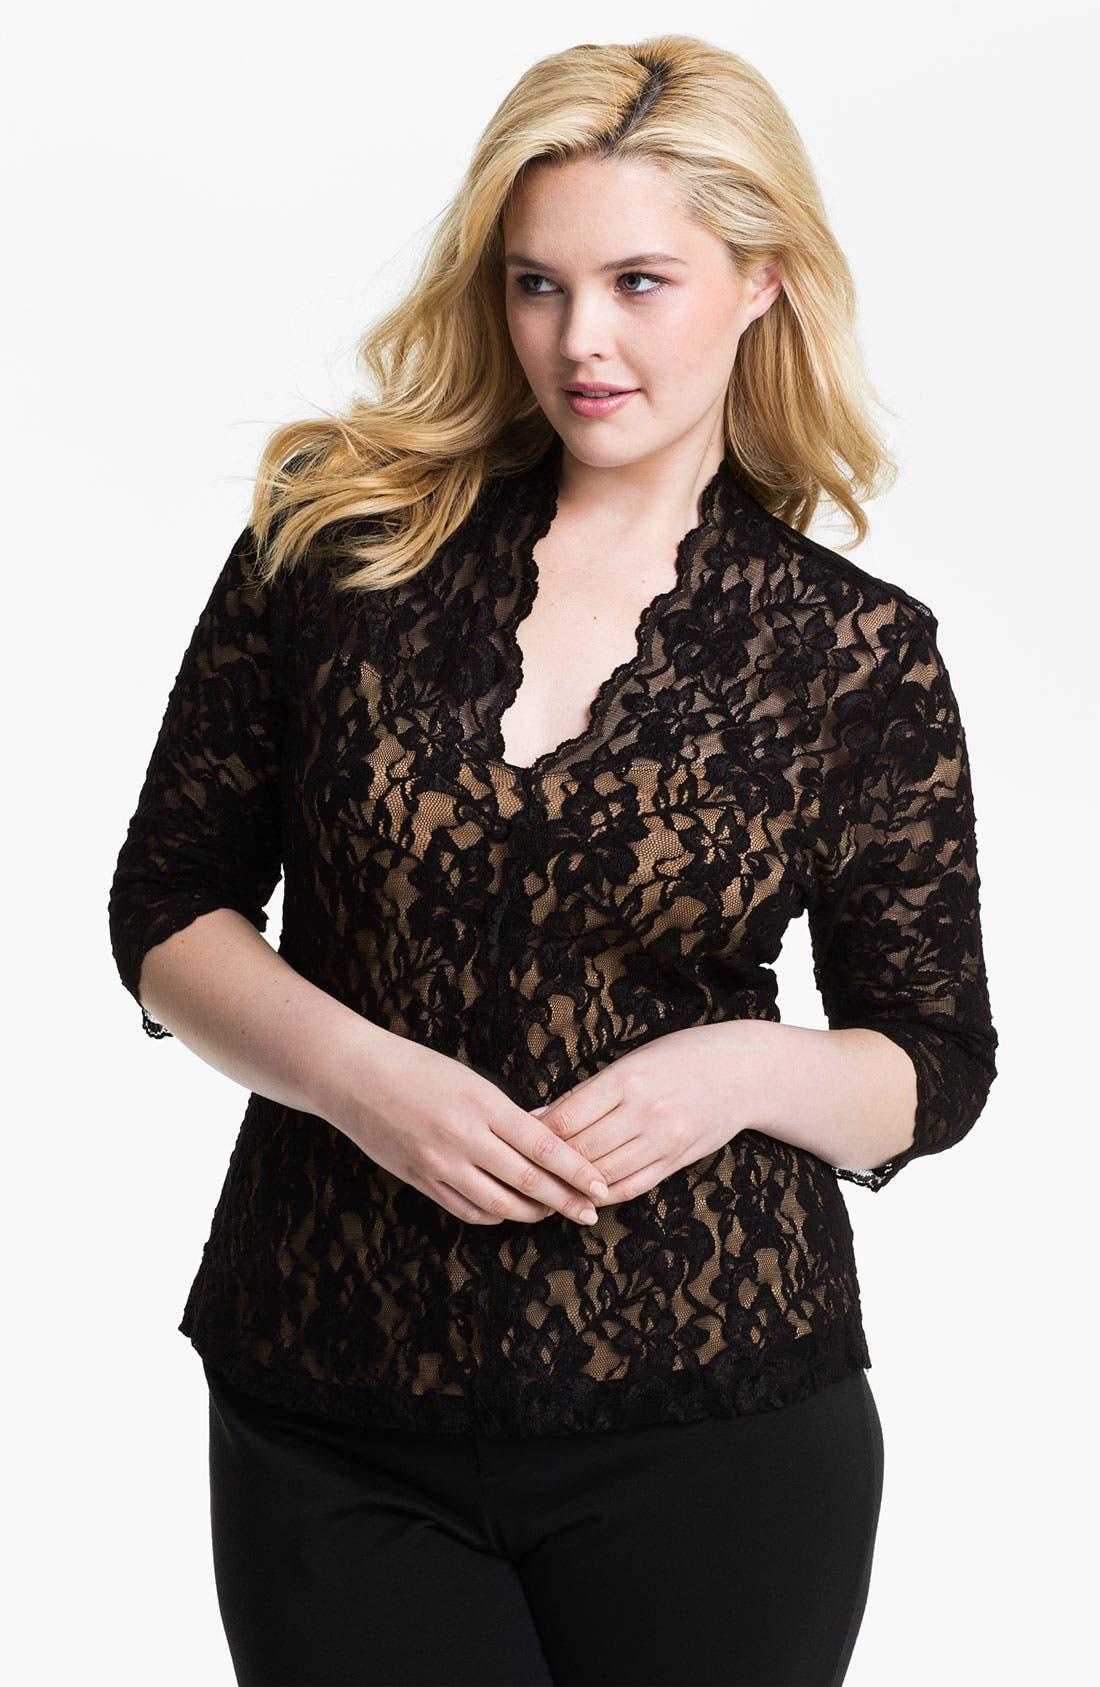 Alternate Image 1 Selected - Karen Kane 'Kate' Lace Top (Plus)